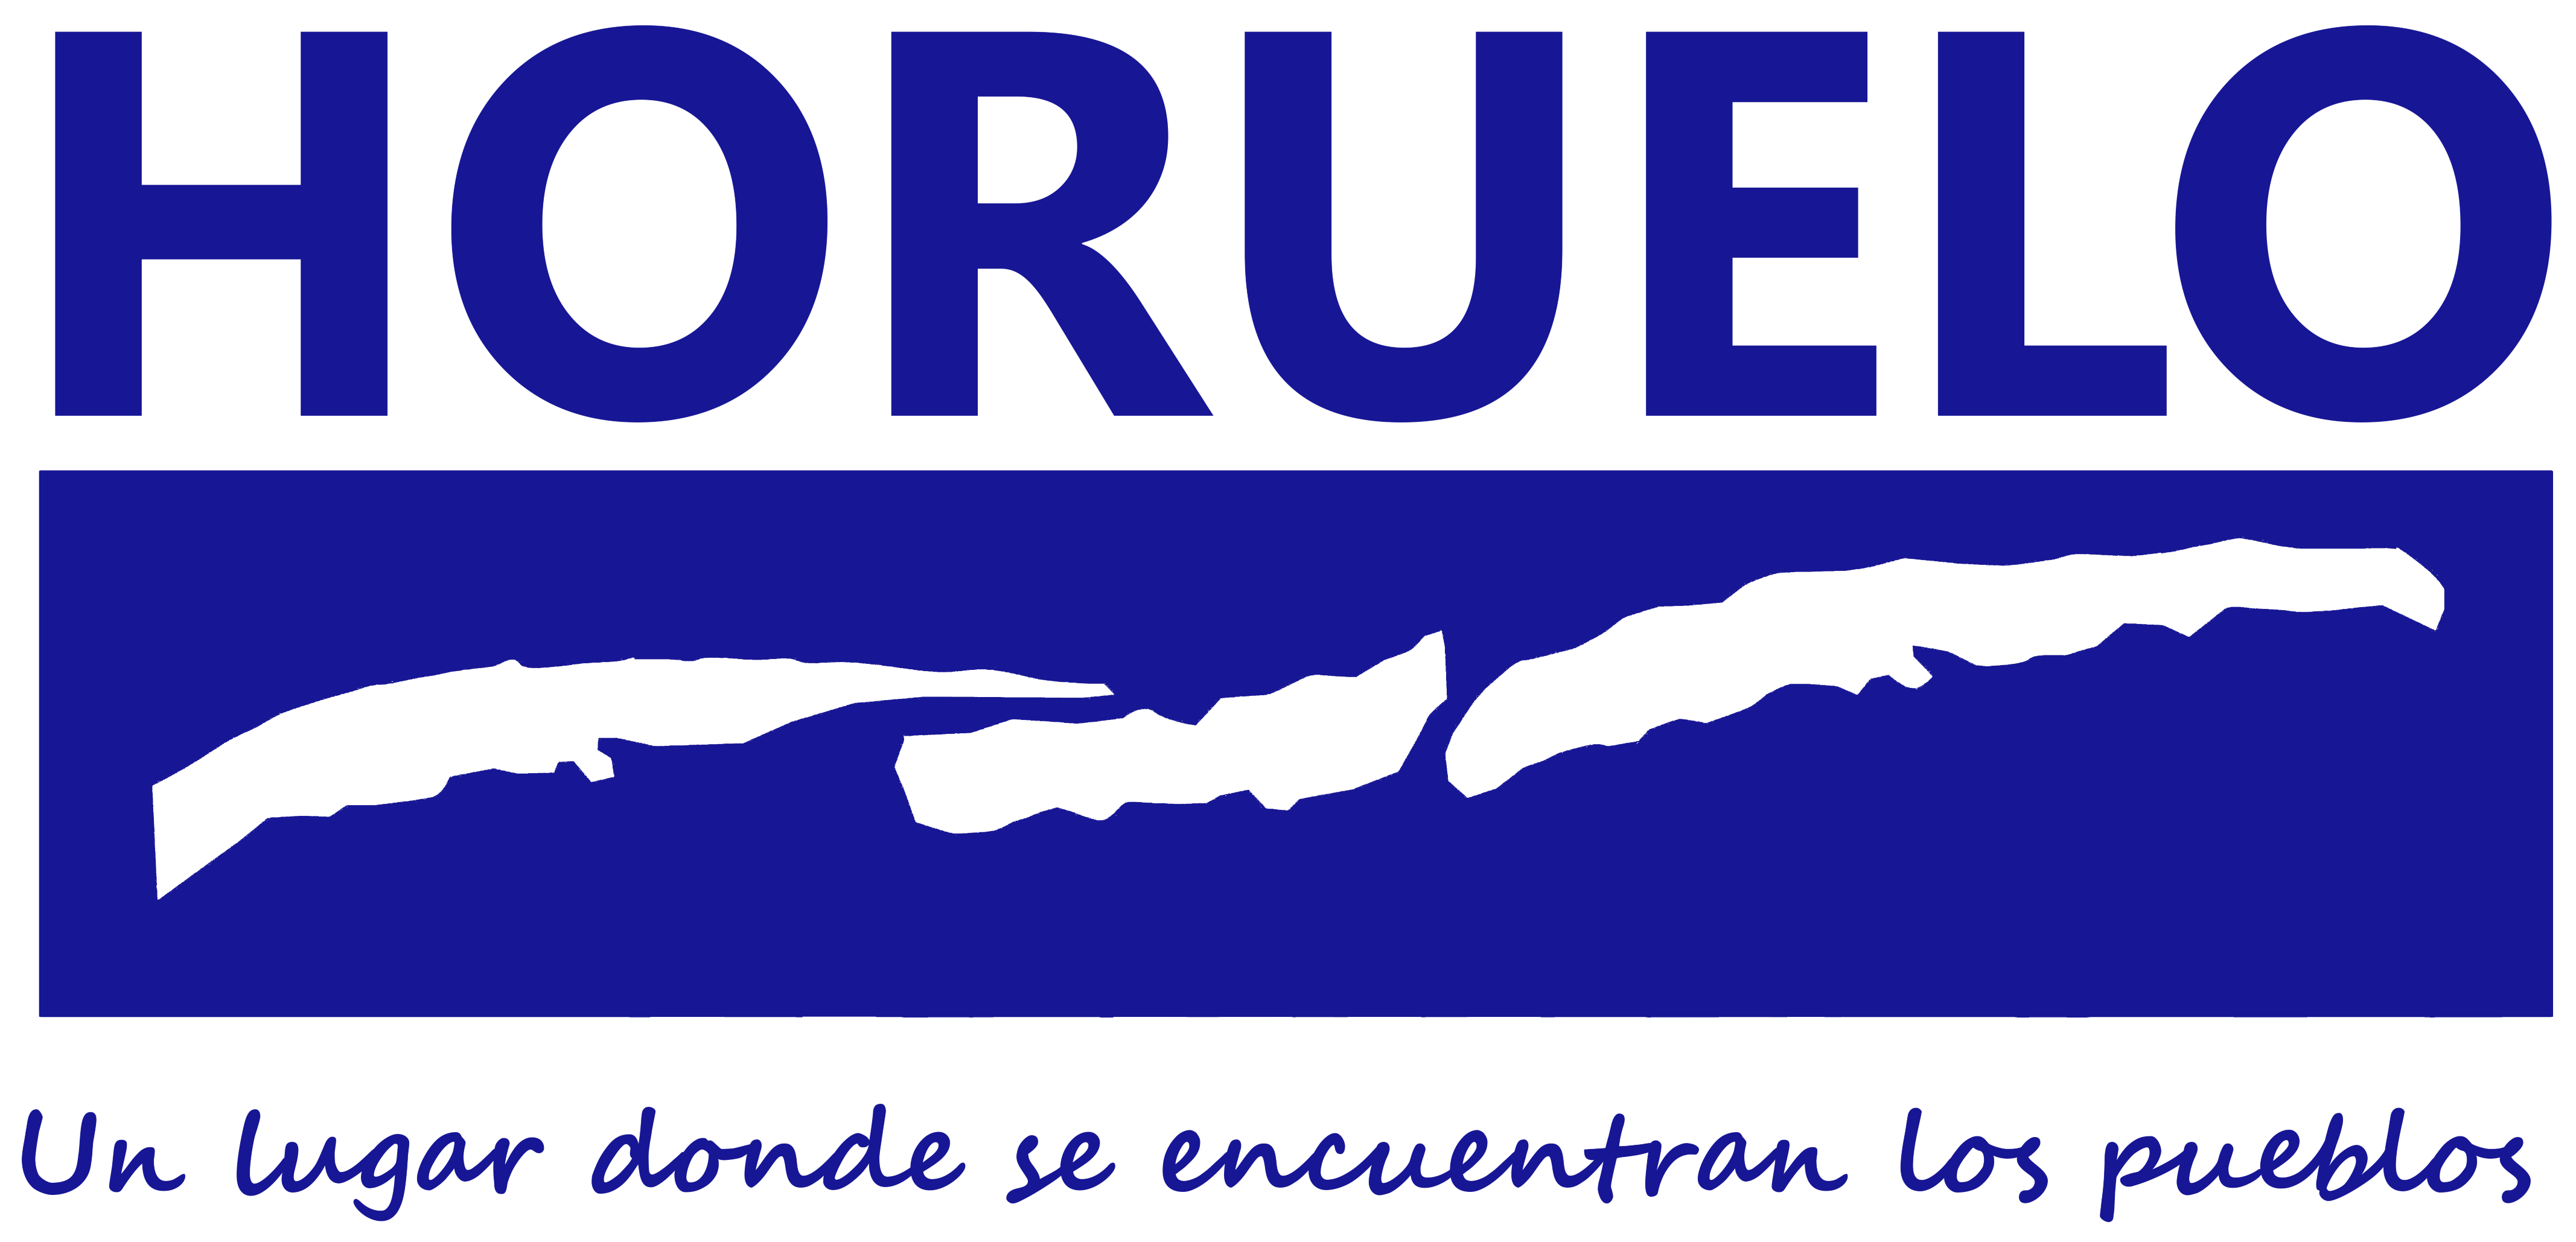 logo-horuelo-2020-transparente